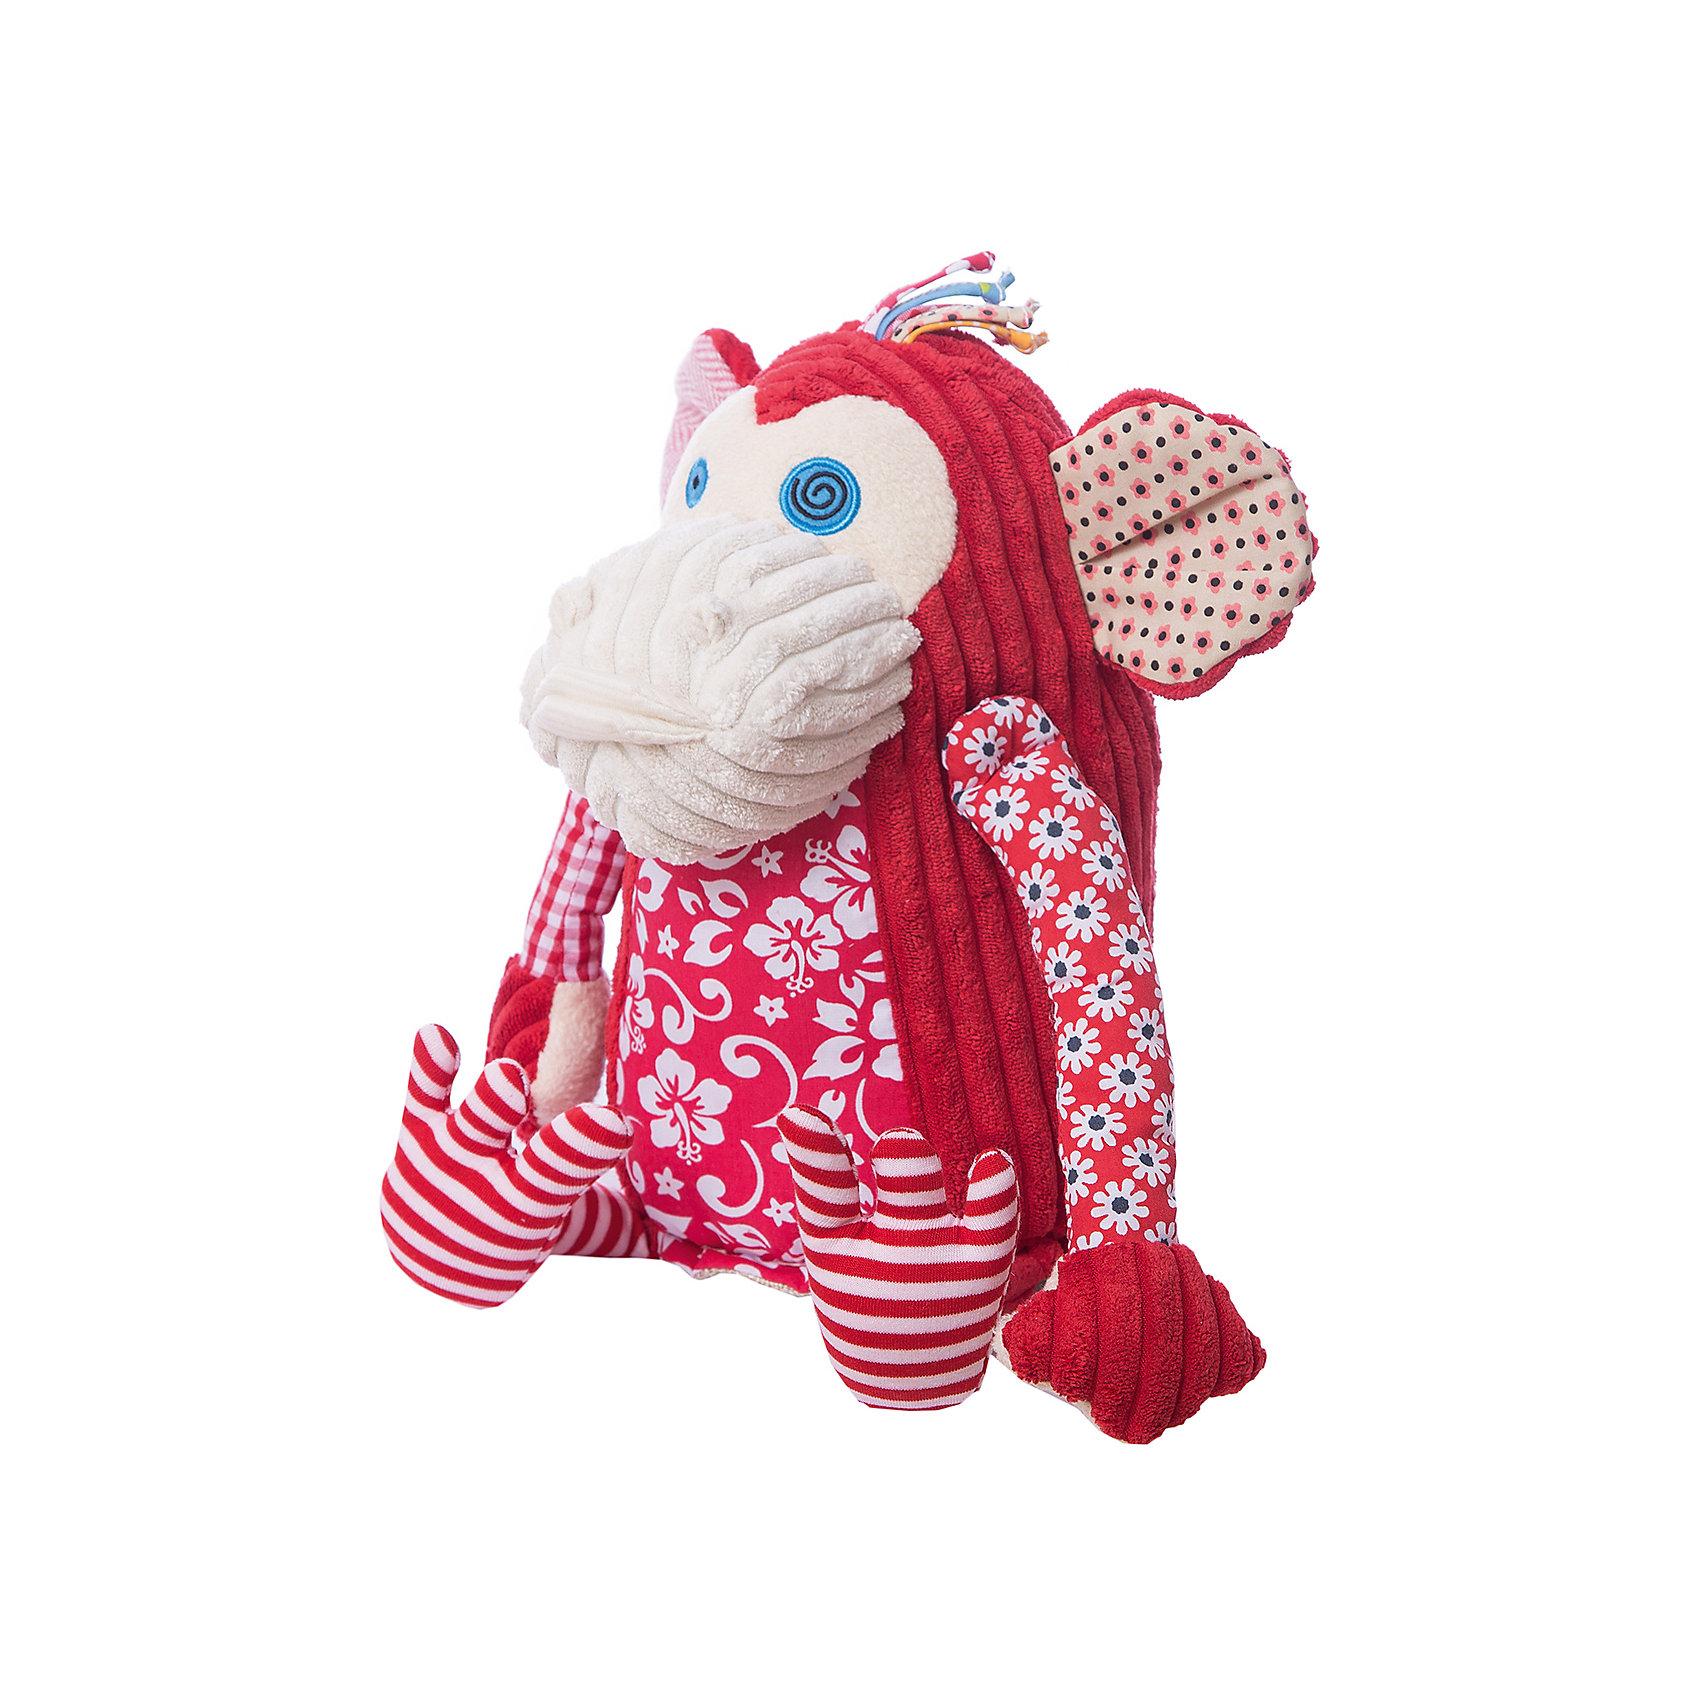 DEGLINGOS  Обезьянка Bogos OriginalЗвери и птицы<br>DEGLINGOS  Обезьянка Bogos Original (Деглингос)<br><br>Характеристики:<br><br>• оригинальный дизайн<br>• приятен на ощупь<br>• материал: текстиль<br>• размер упаковки: 35х26х15 см<br><br>Забавная обезьянка Bogos станет одной из любимых игрушек малыша. Она имеет яркую расцветку, а ее шерстка выполнена из разноцветных тканей. Ручки, ножки и глазки обезьянки имеют разный размер, что делает ее еще оригинальнее. Такая замечательная игрушка займет достойное место в вашем доме!<br><br>DEGLINGOS  Обезьянка Bogos Original (Деглингос) вы можете купить в нашем интернет-магазине.<br><br>Ширина мм: 120<br>Глубина мм: 120<br>Высота мм: 350<br>Вес г: 230<br>Возраст от месяцев: 36<br>Возраст до месяцев: 1188<br>Пол: Унисекс<br>Возраст: Детский<br>SKU: 2523733